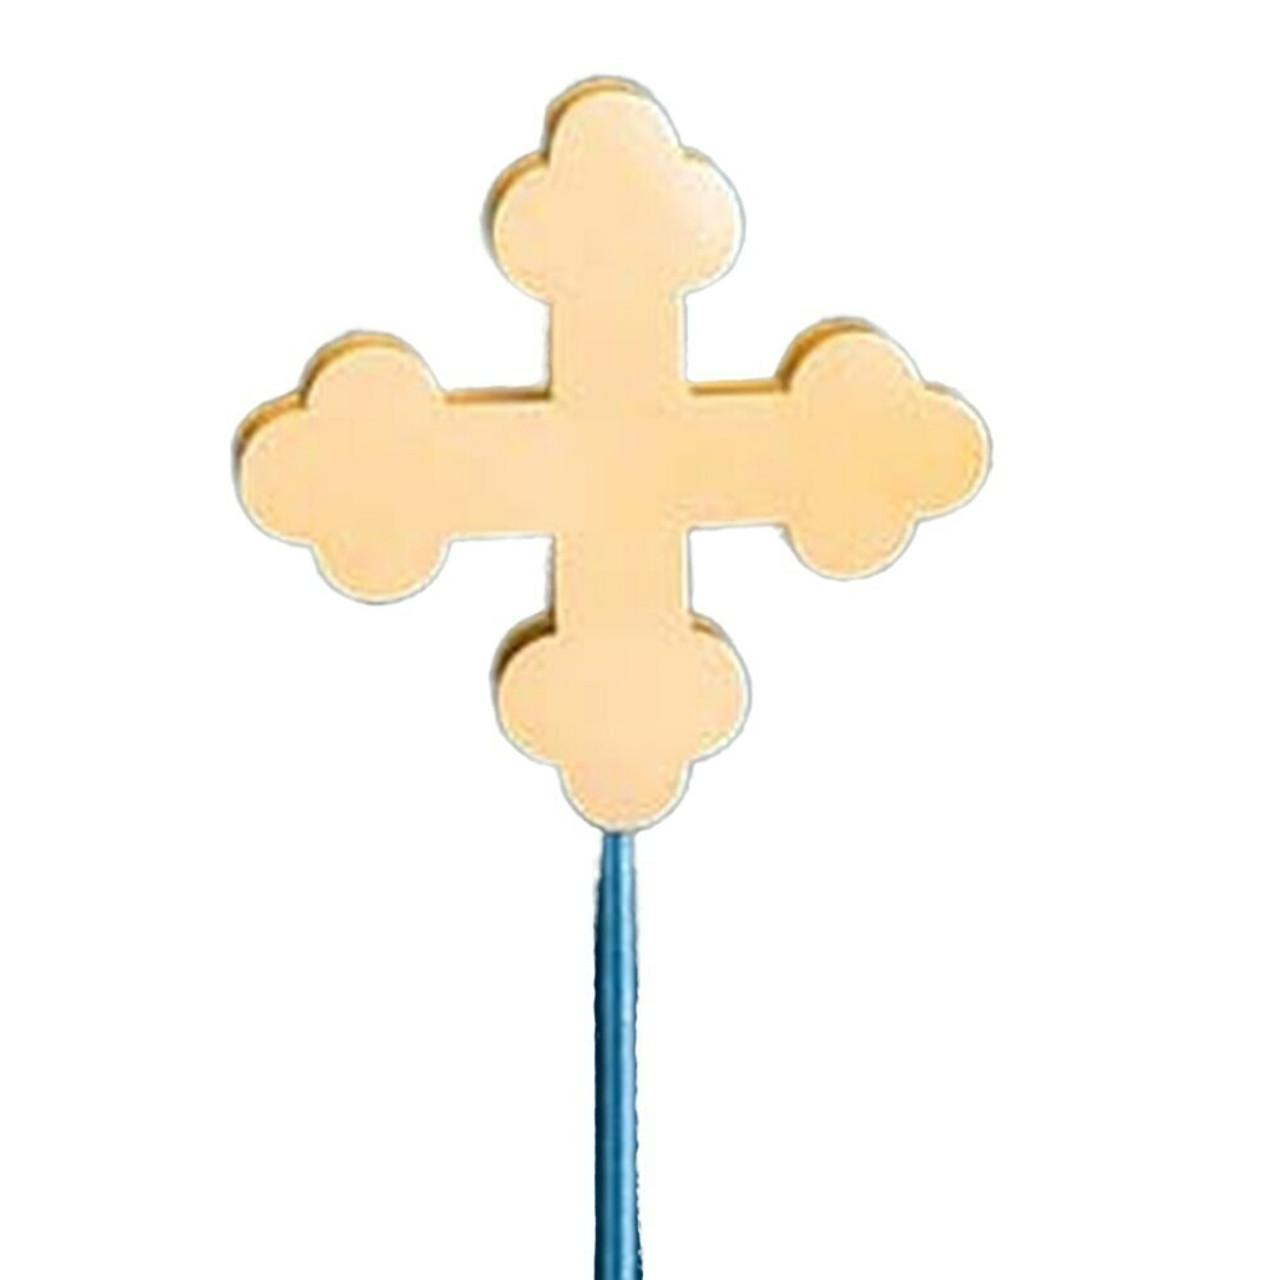 Botonee Cross Outdoor Ornament